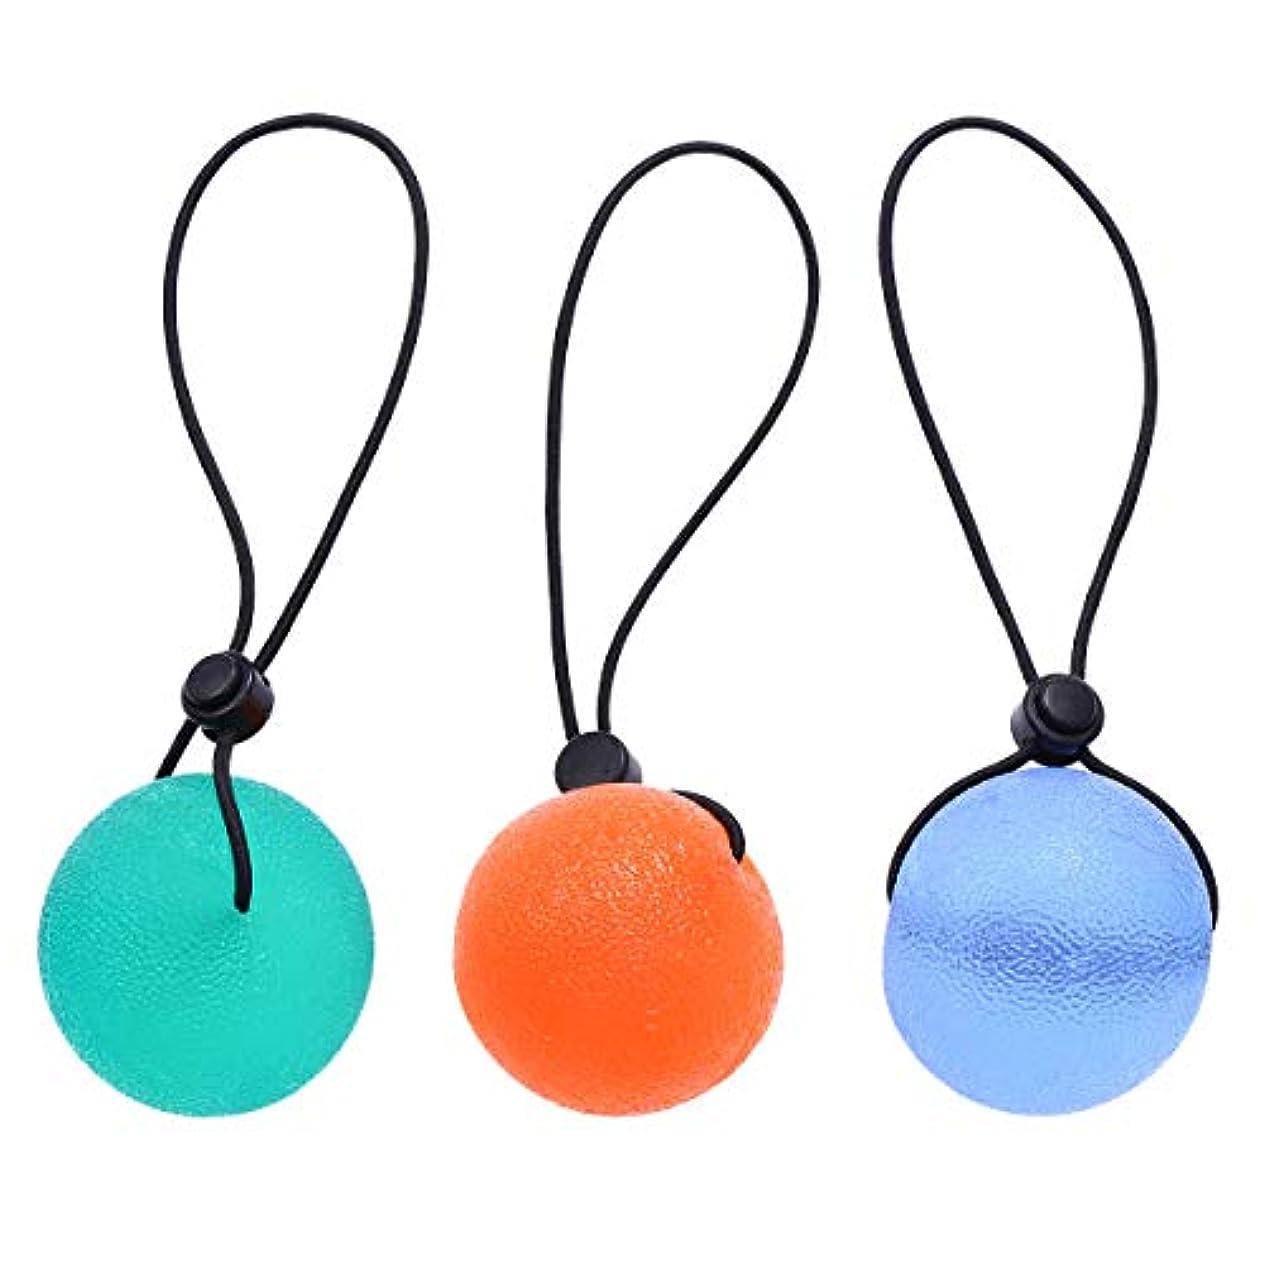 検体遠近法歩道HEALLILY 3個ハンドセラピー運動ボールグリップ強化剤指グリップボールと文字列